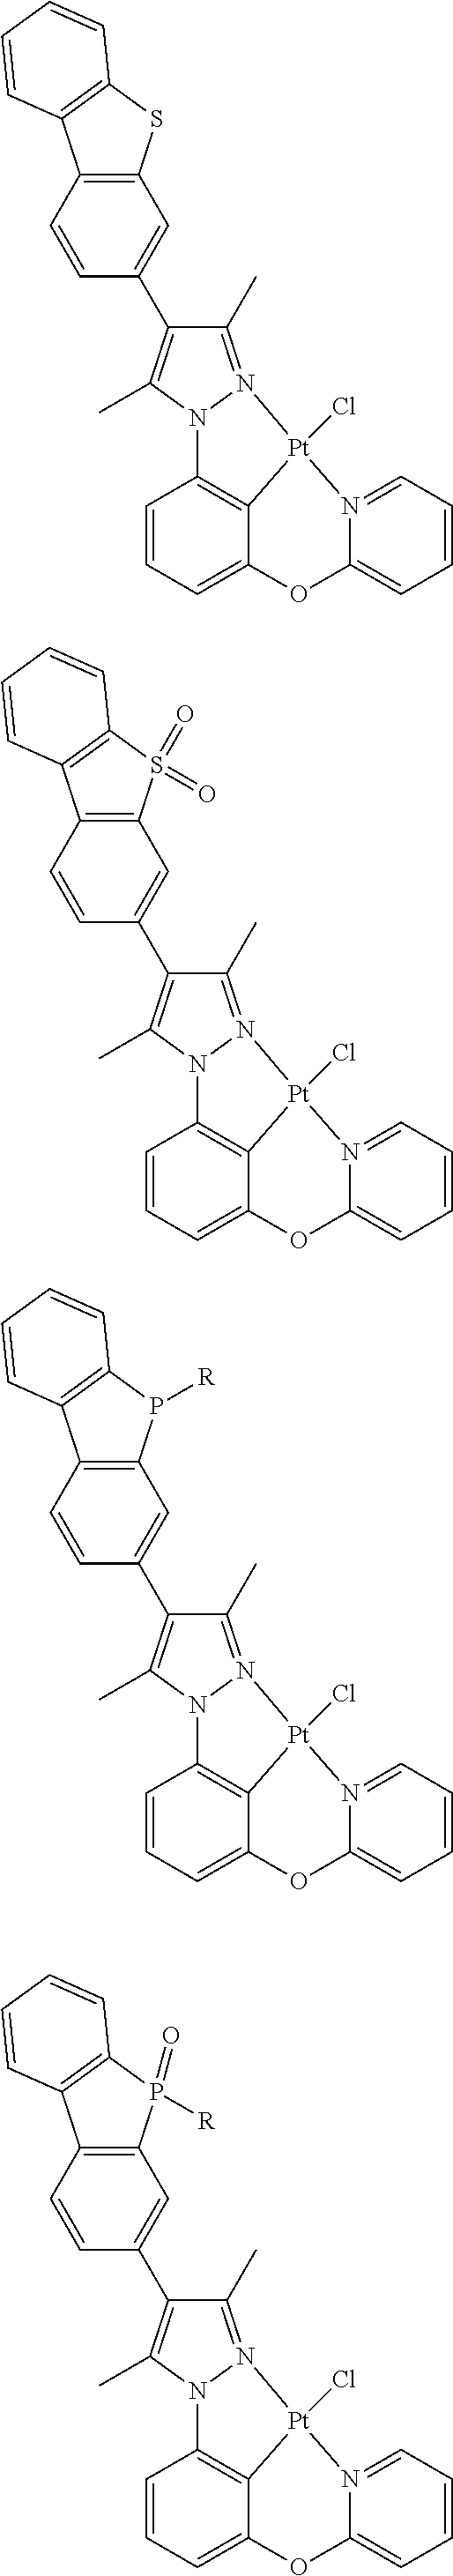 Figure US09818959-20171114-C00503